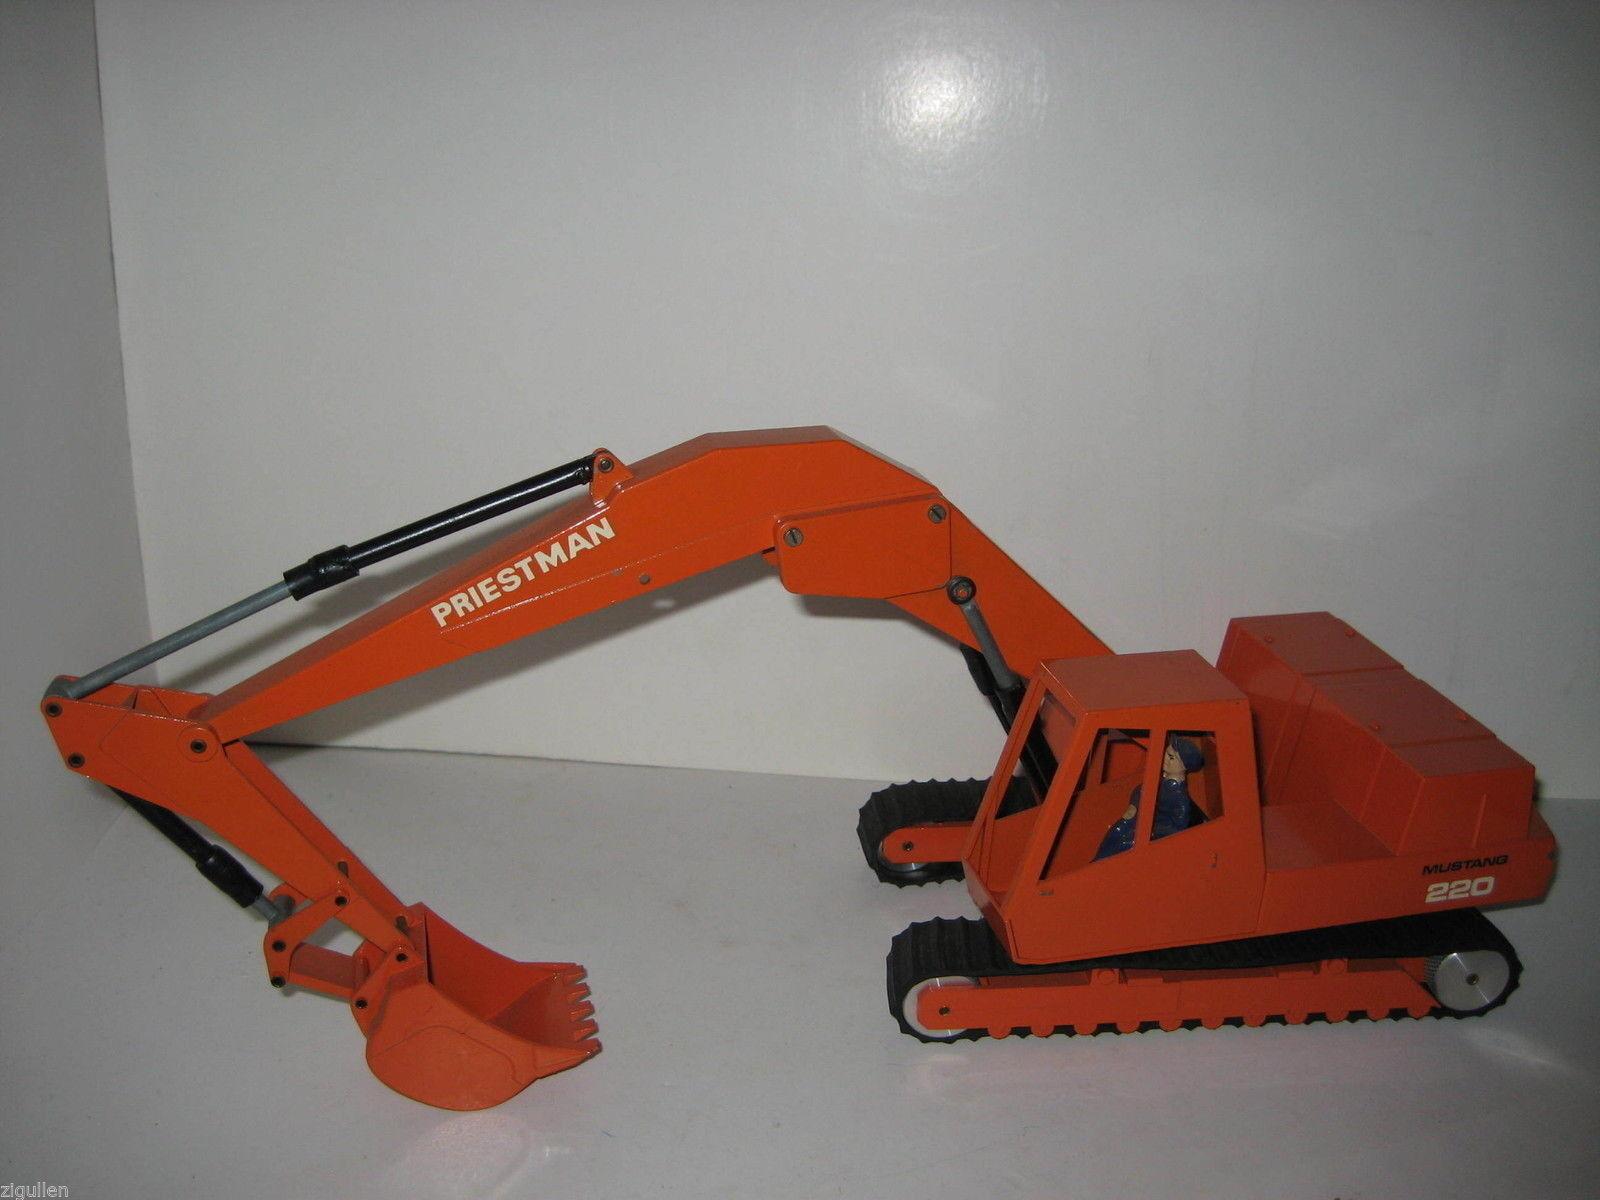 Priestman-Mustang 220 Excavateurs tieflöffel  477 Conrad 1 20